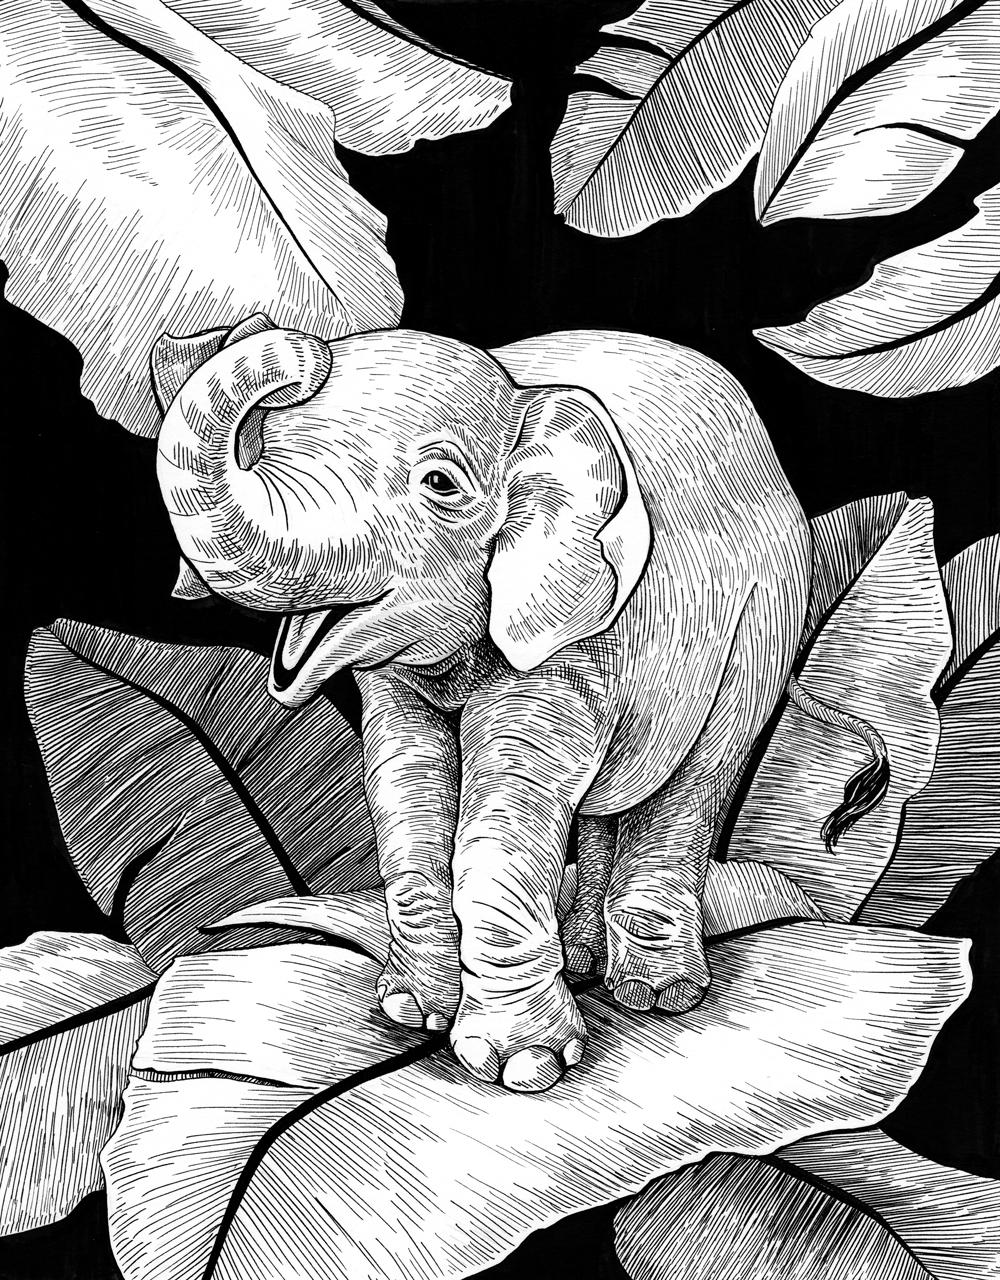 Previte_Baby Elephant.jpg